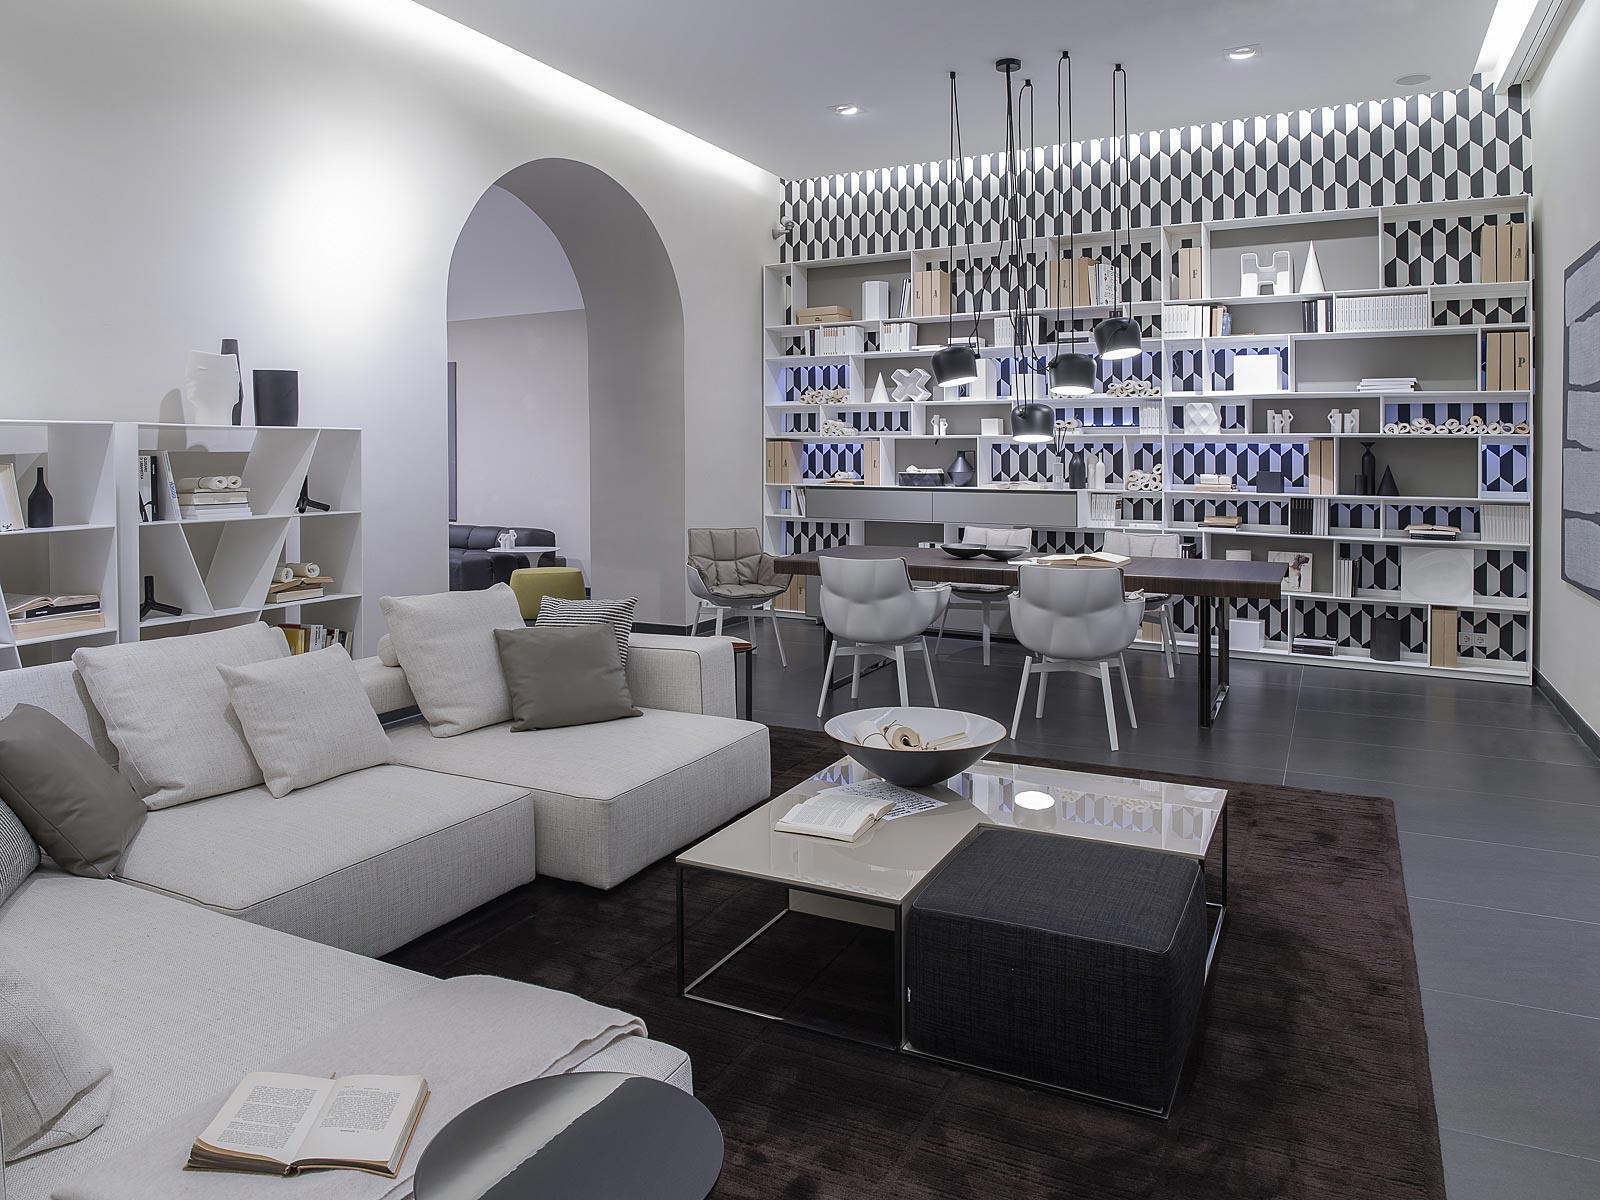 Fasching Spätauf, Poliform, Varenna Küchen, Minotti, Fotos von Interior im Showroom in Wien